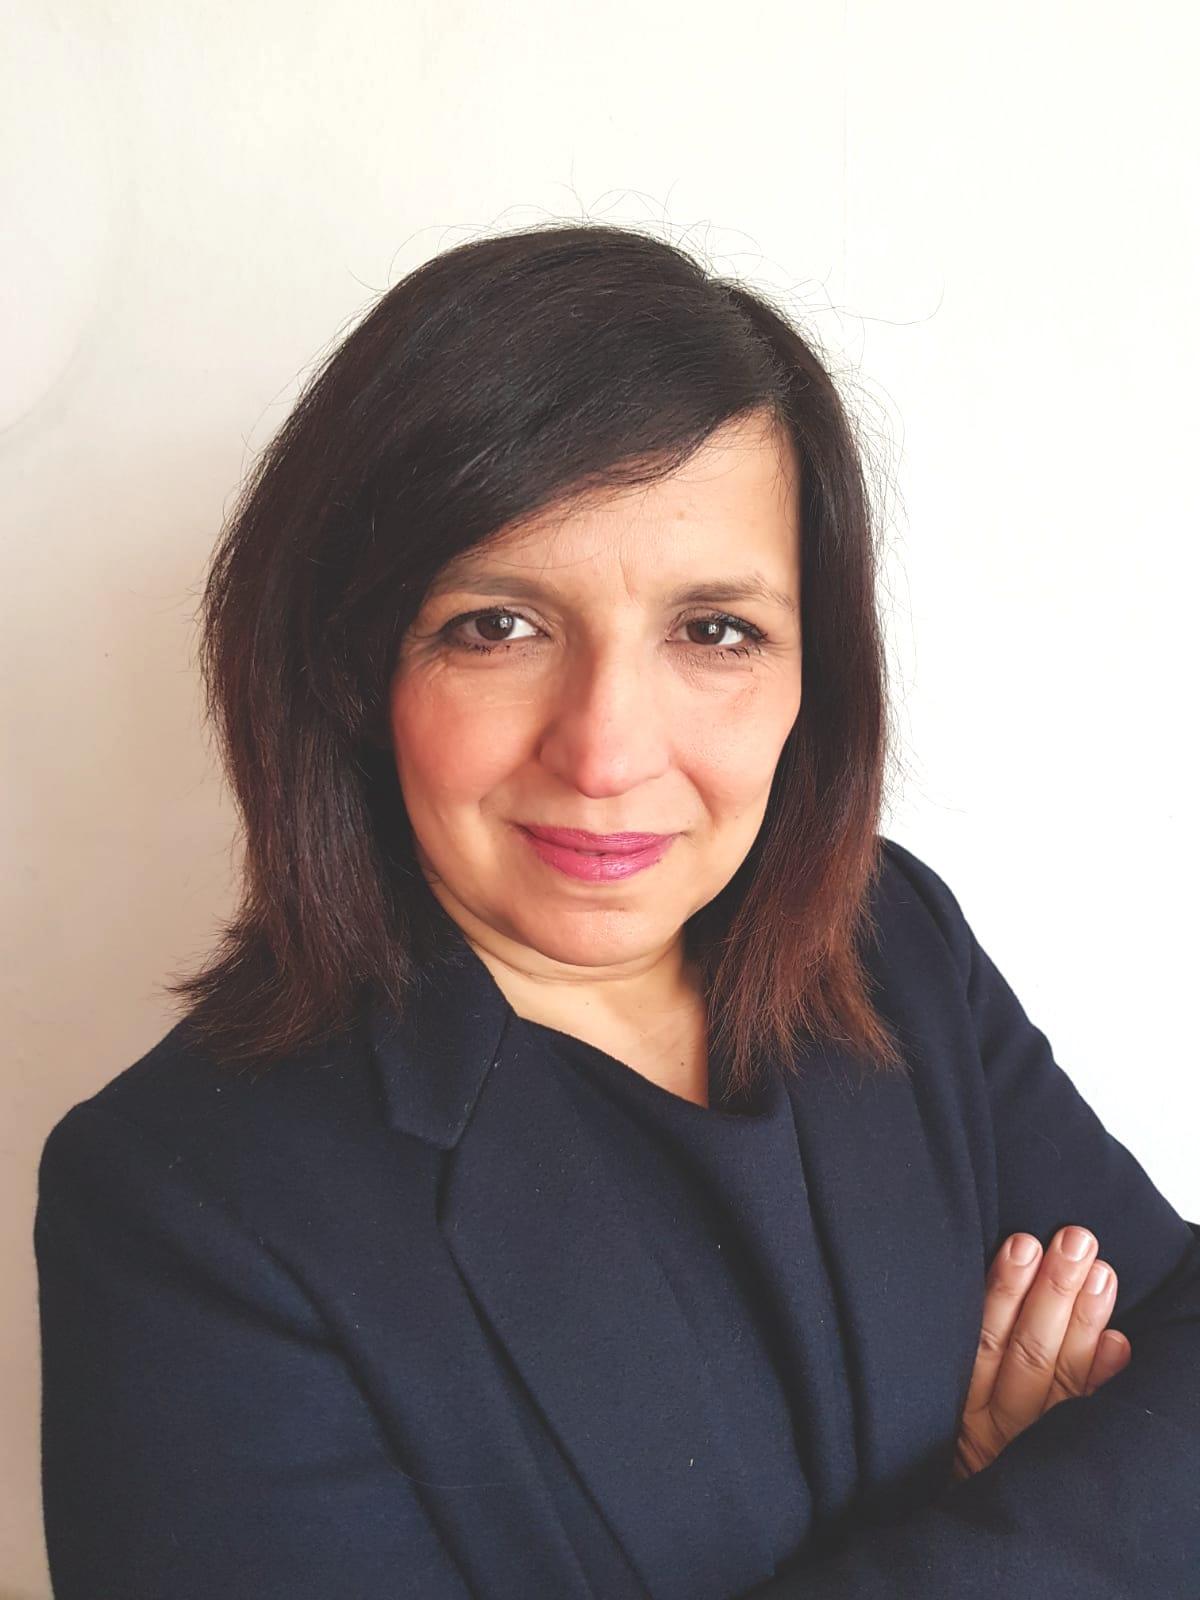 Maria GraziaVigliotti